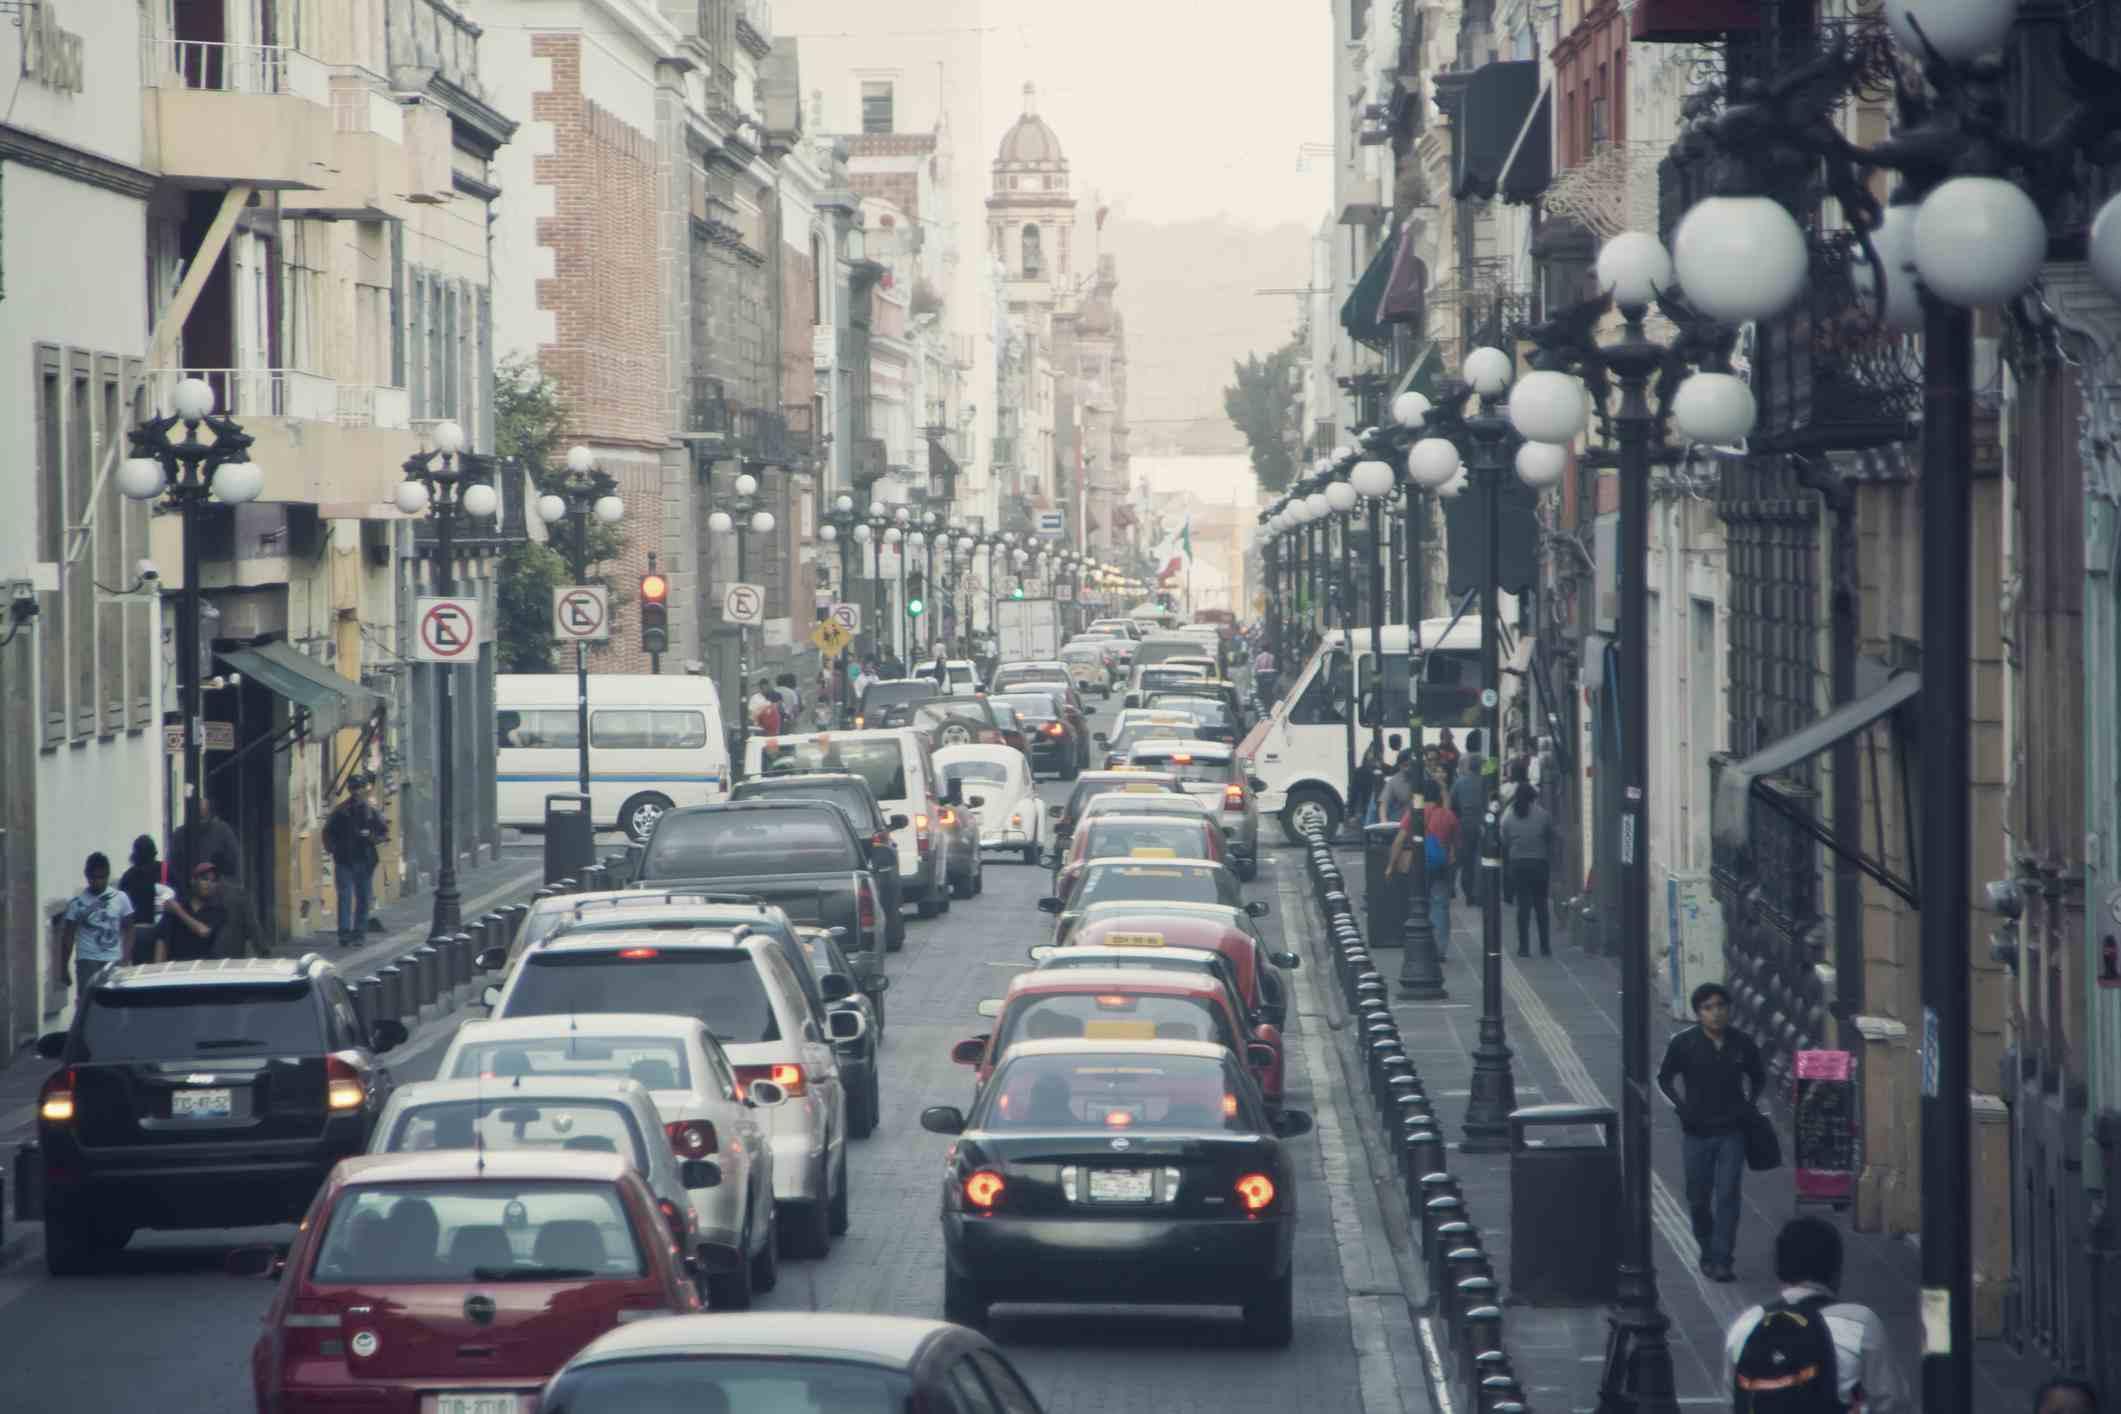 The streets of Puebla, Mexico.